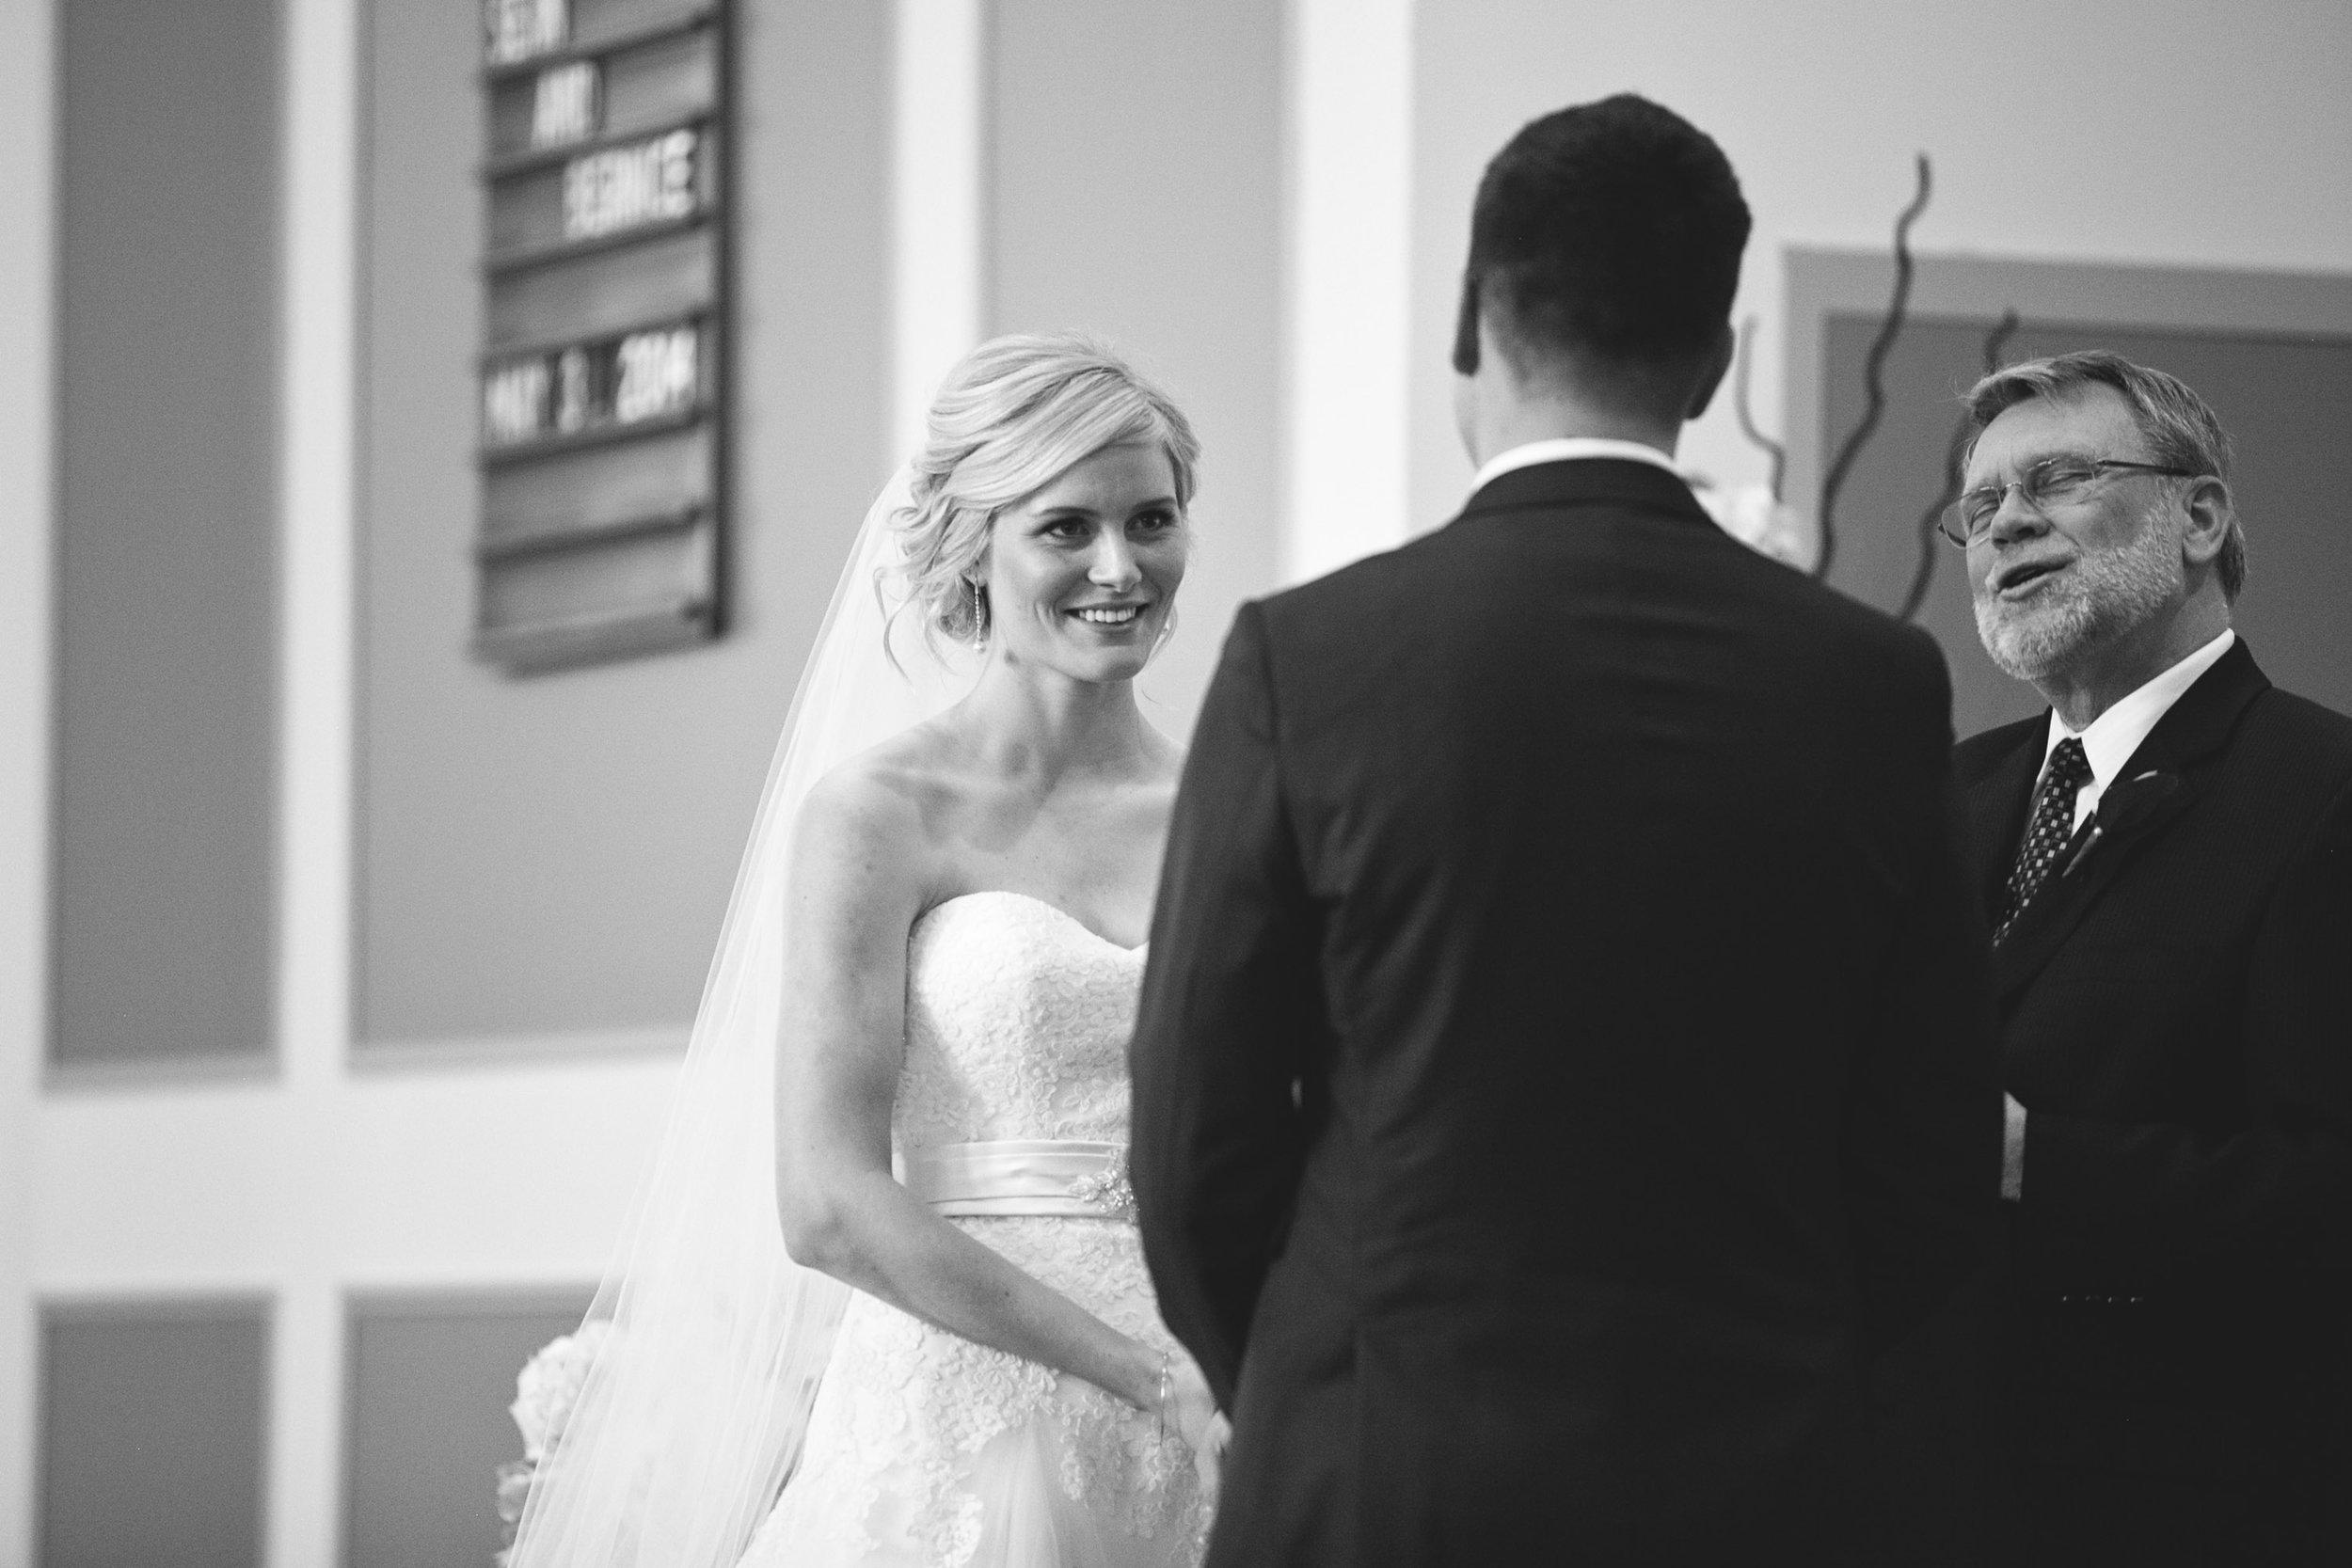 Church wedding ceremony in Hamilton, Ontario